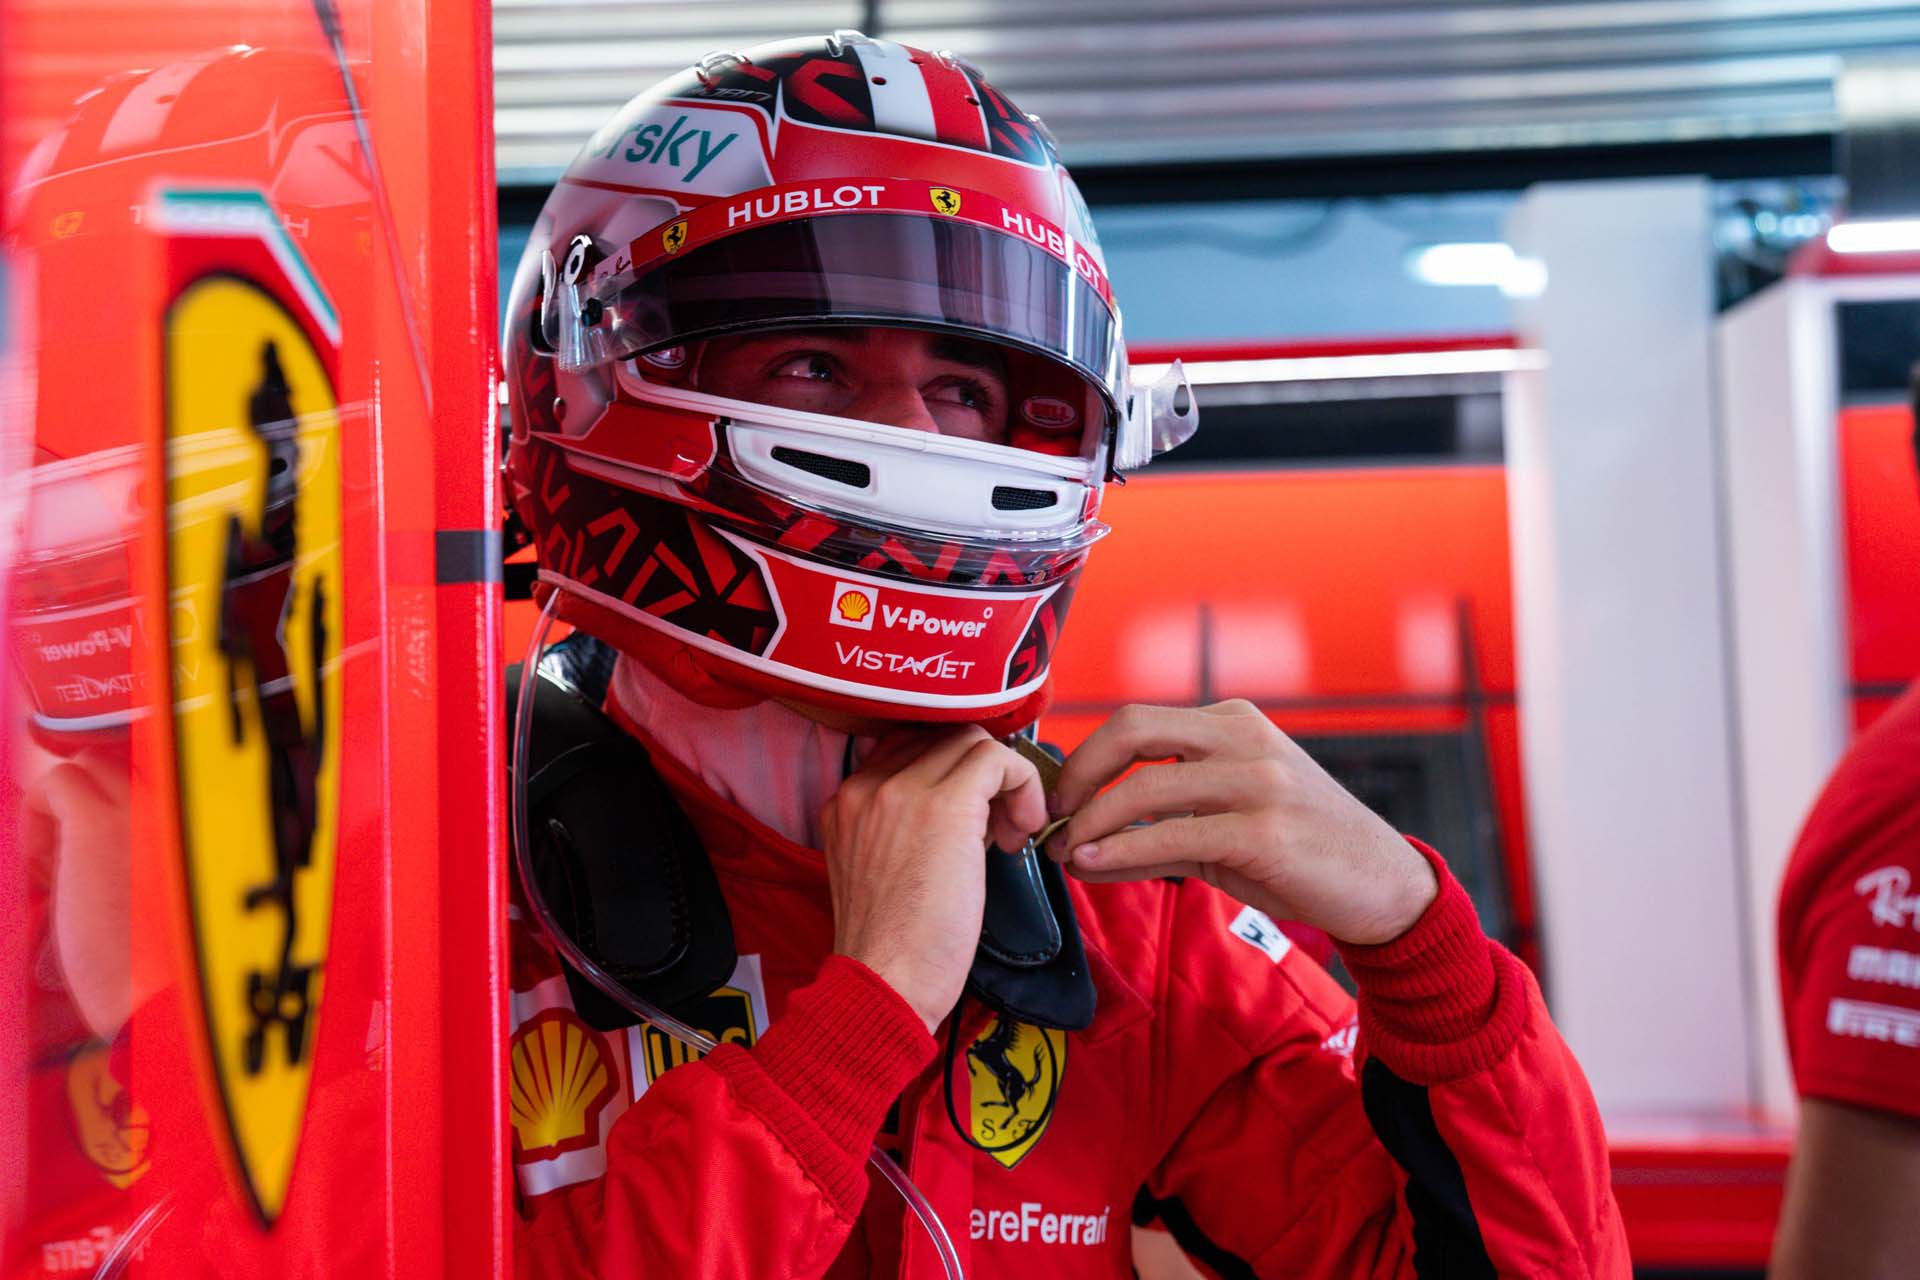 2020RussianGPFriday_Ferrari_20019-russian-gp-friday